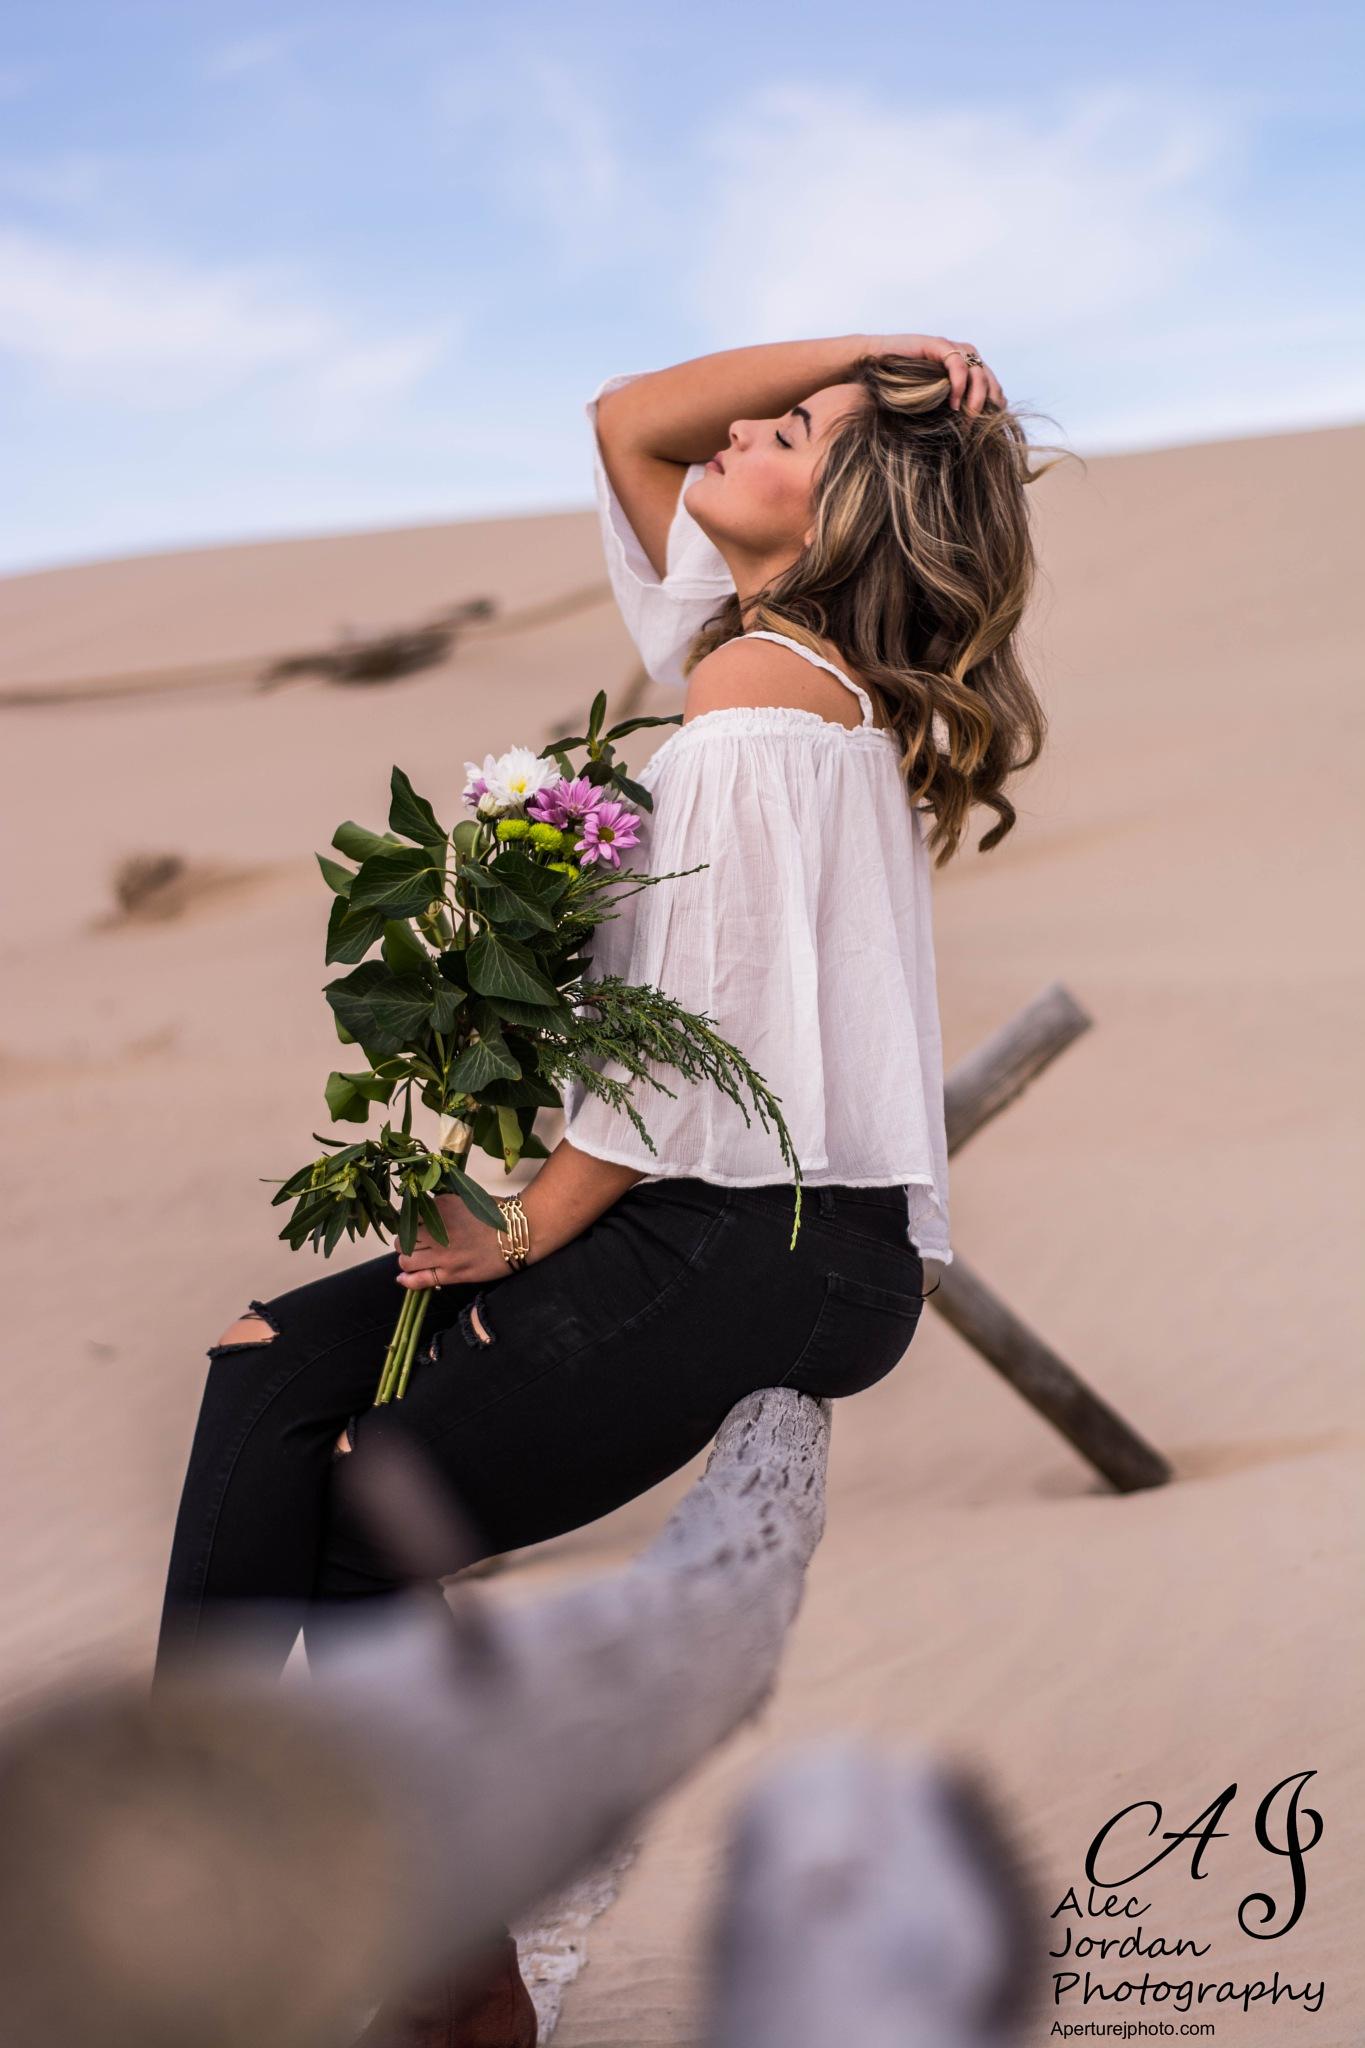 Desert Flower (pt2) by Alec Jordan